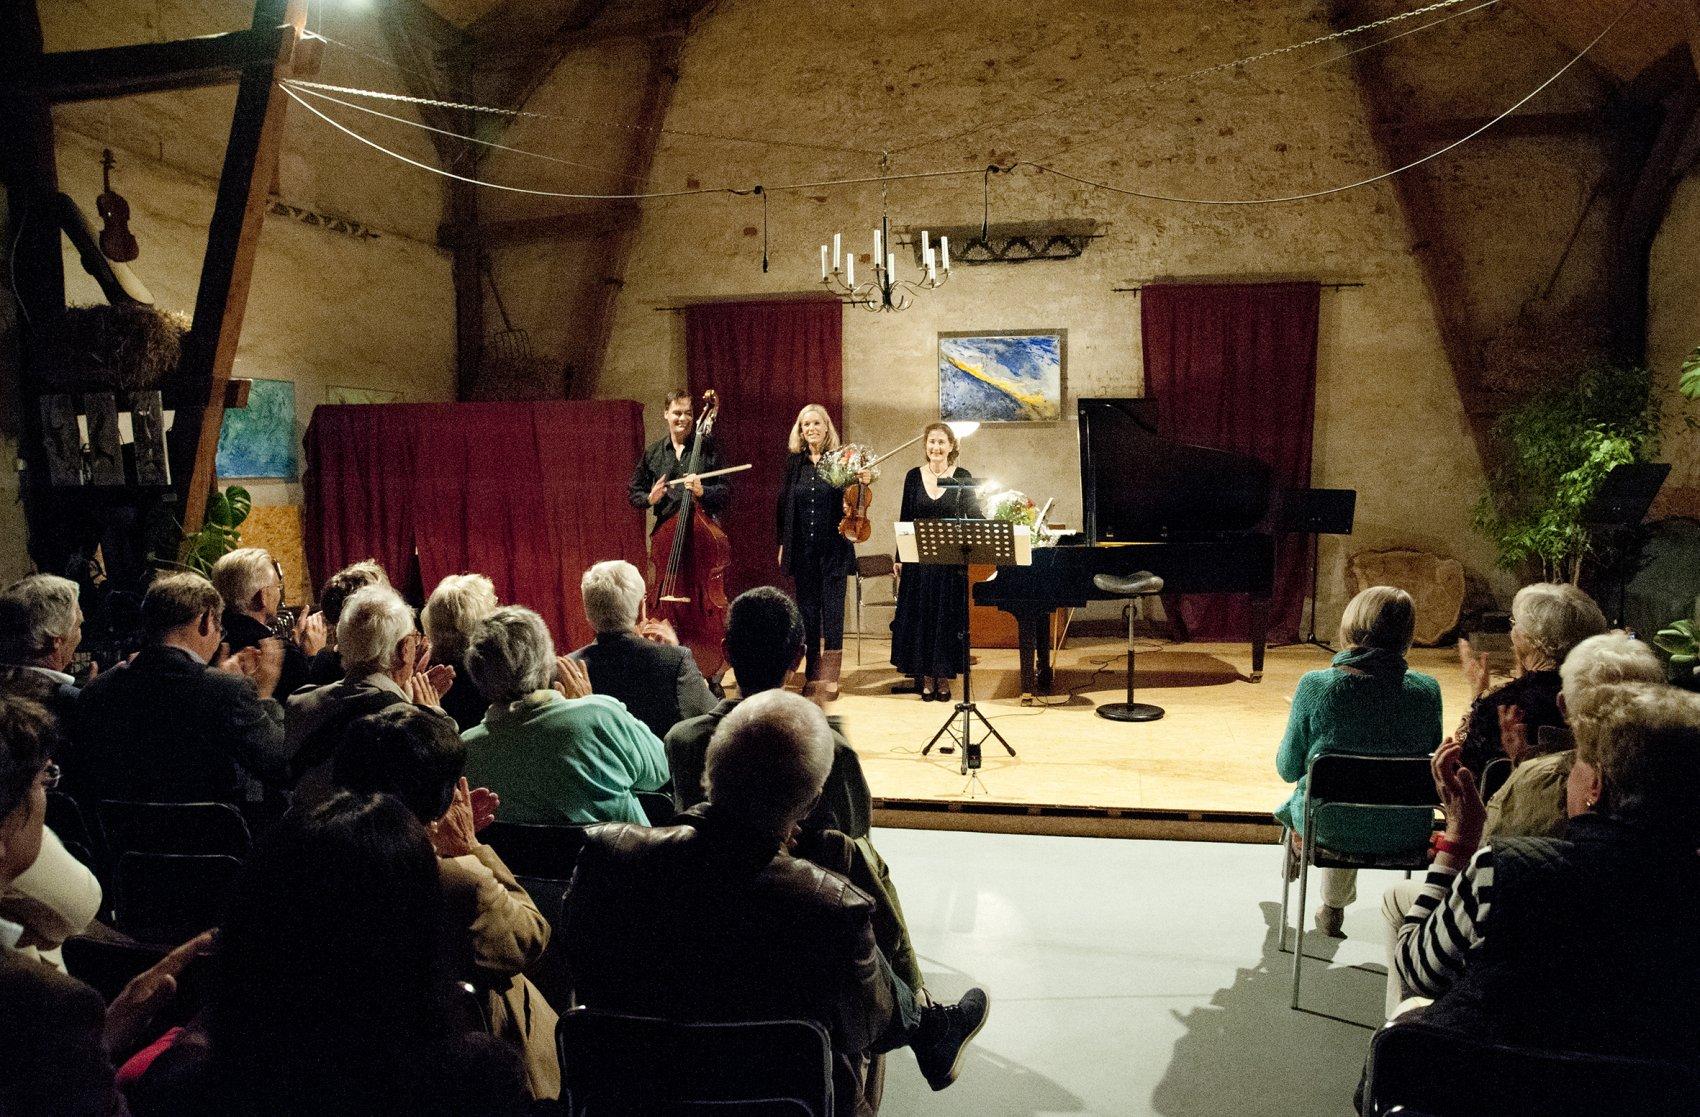 Konzerte und weitere Kulturveranstaltungen in der Klassik-Scheune Mandelsloh